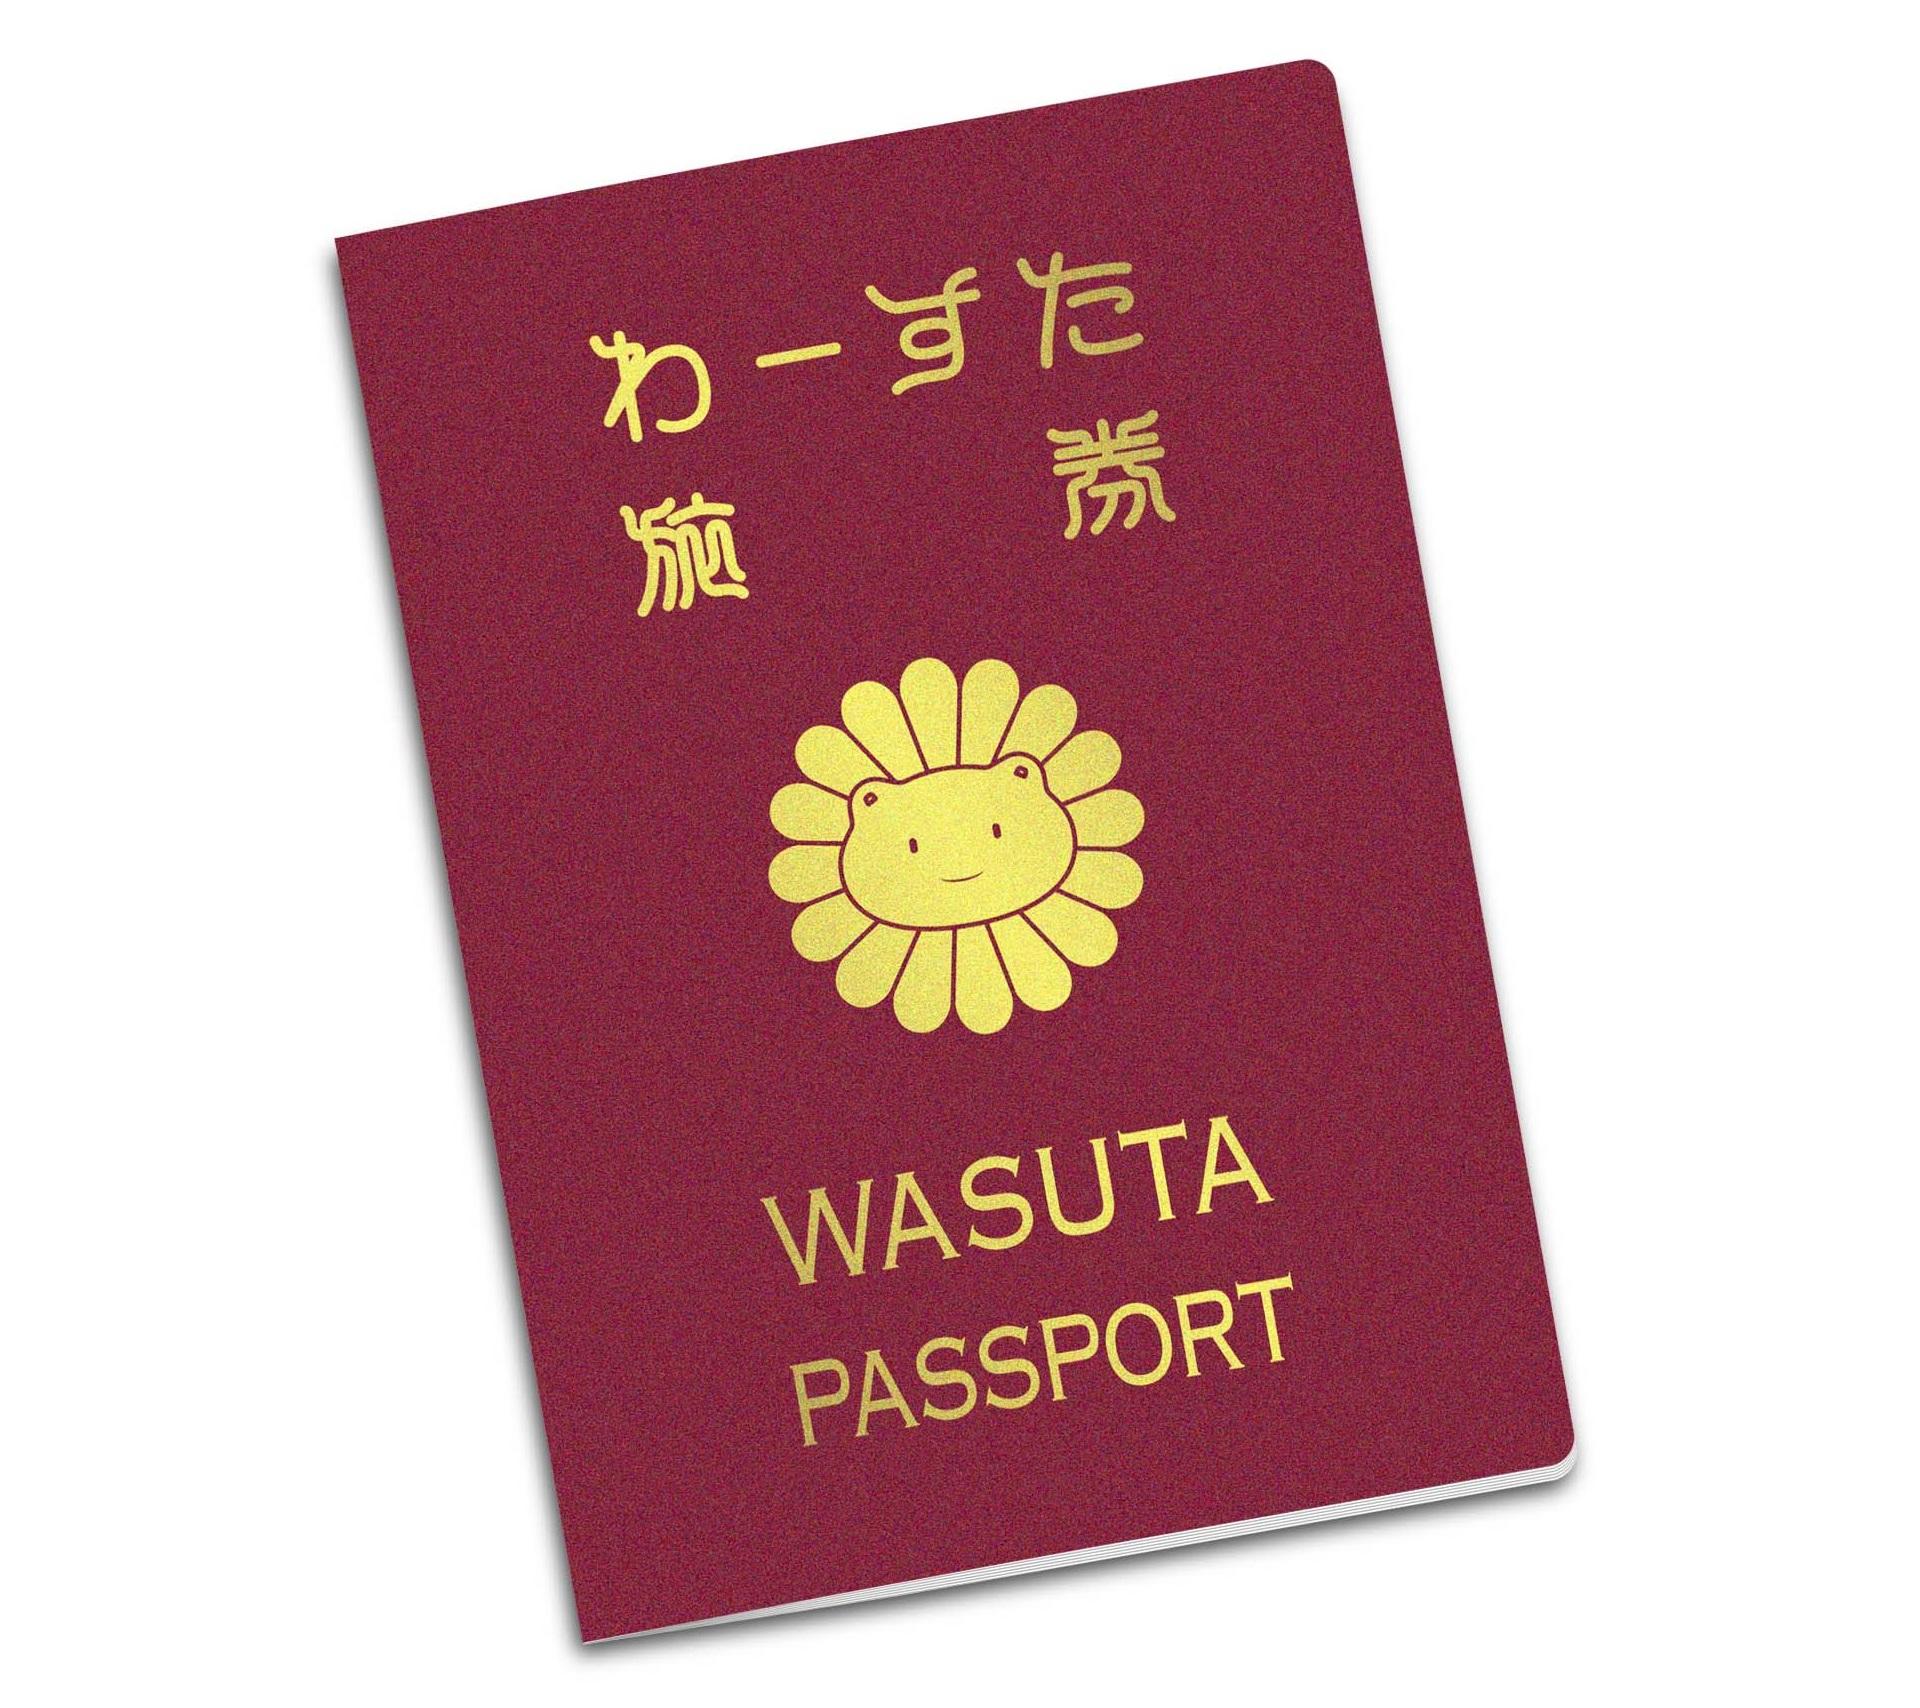 wa-suta_passport.jpg